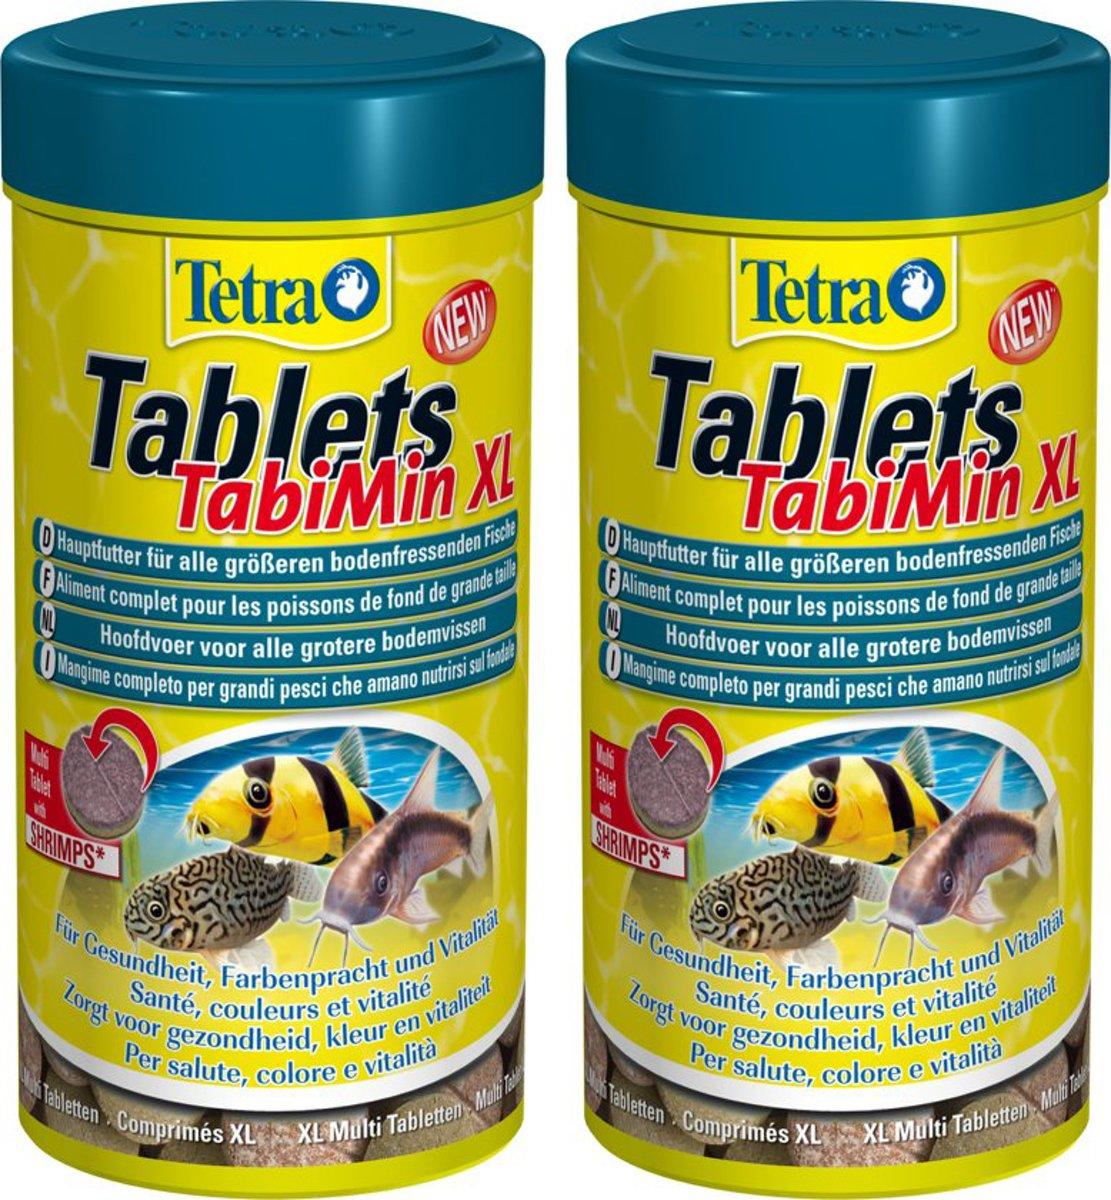 Tetra Visvoer Tablets Tabimin - Xl - 133 Tabletten 2 verpakkingen